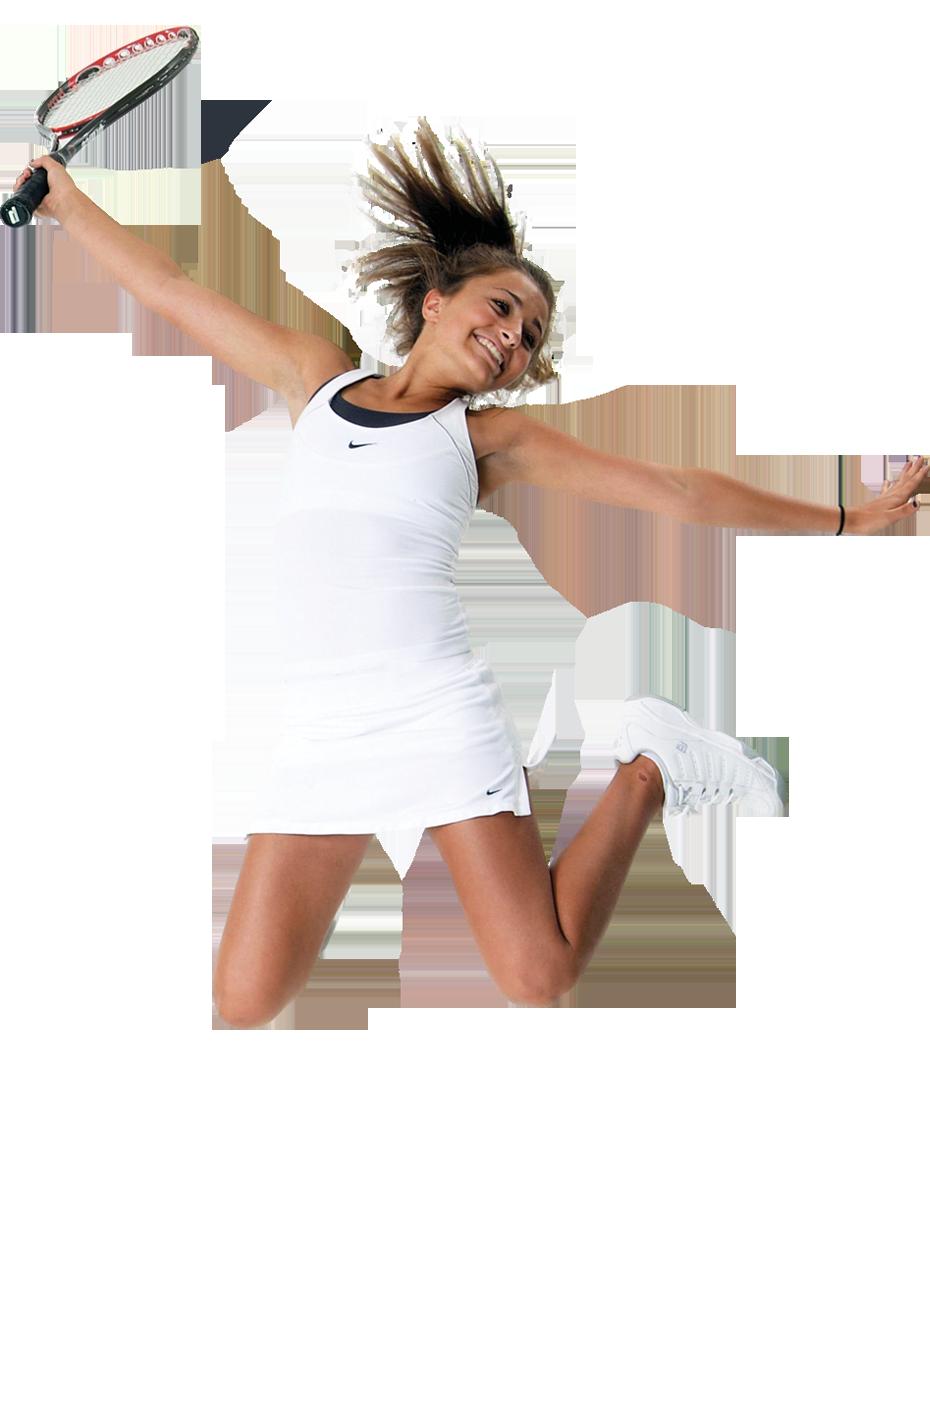 Теннис игрок PNG